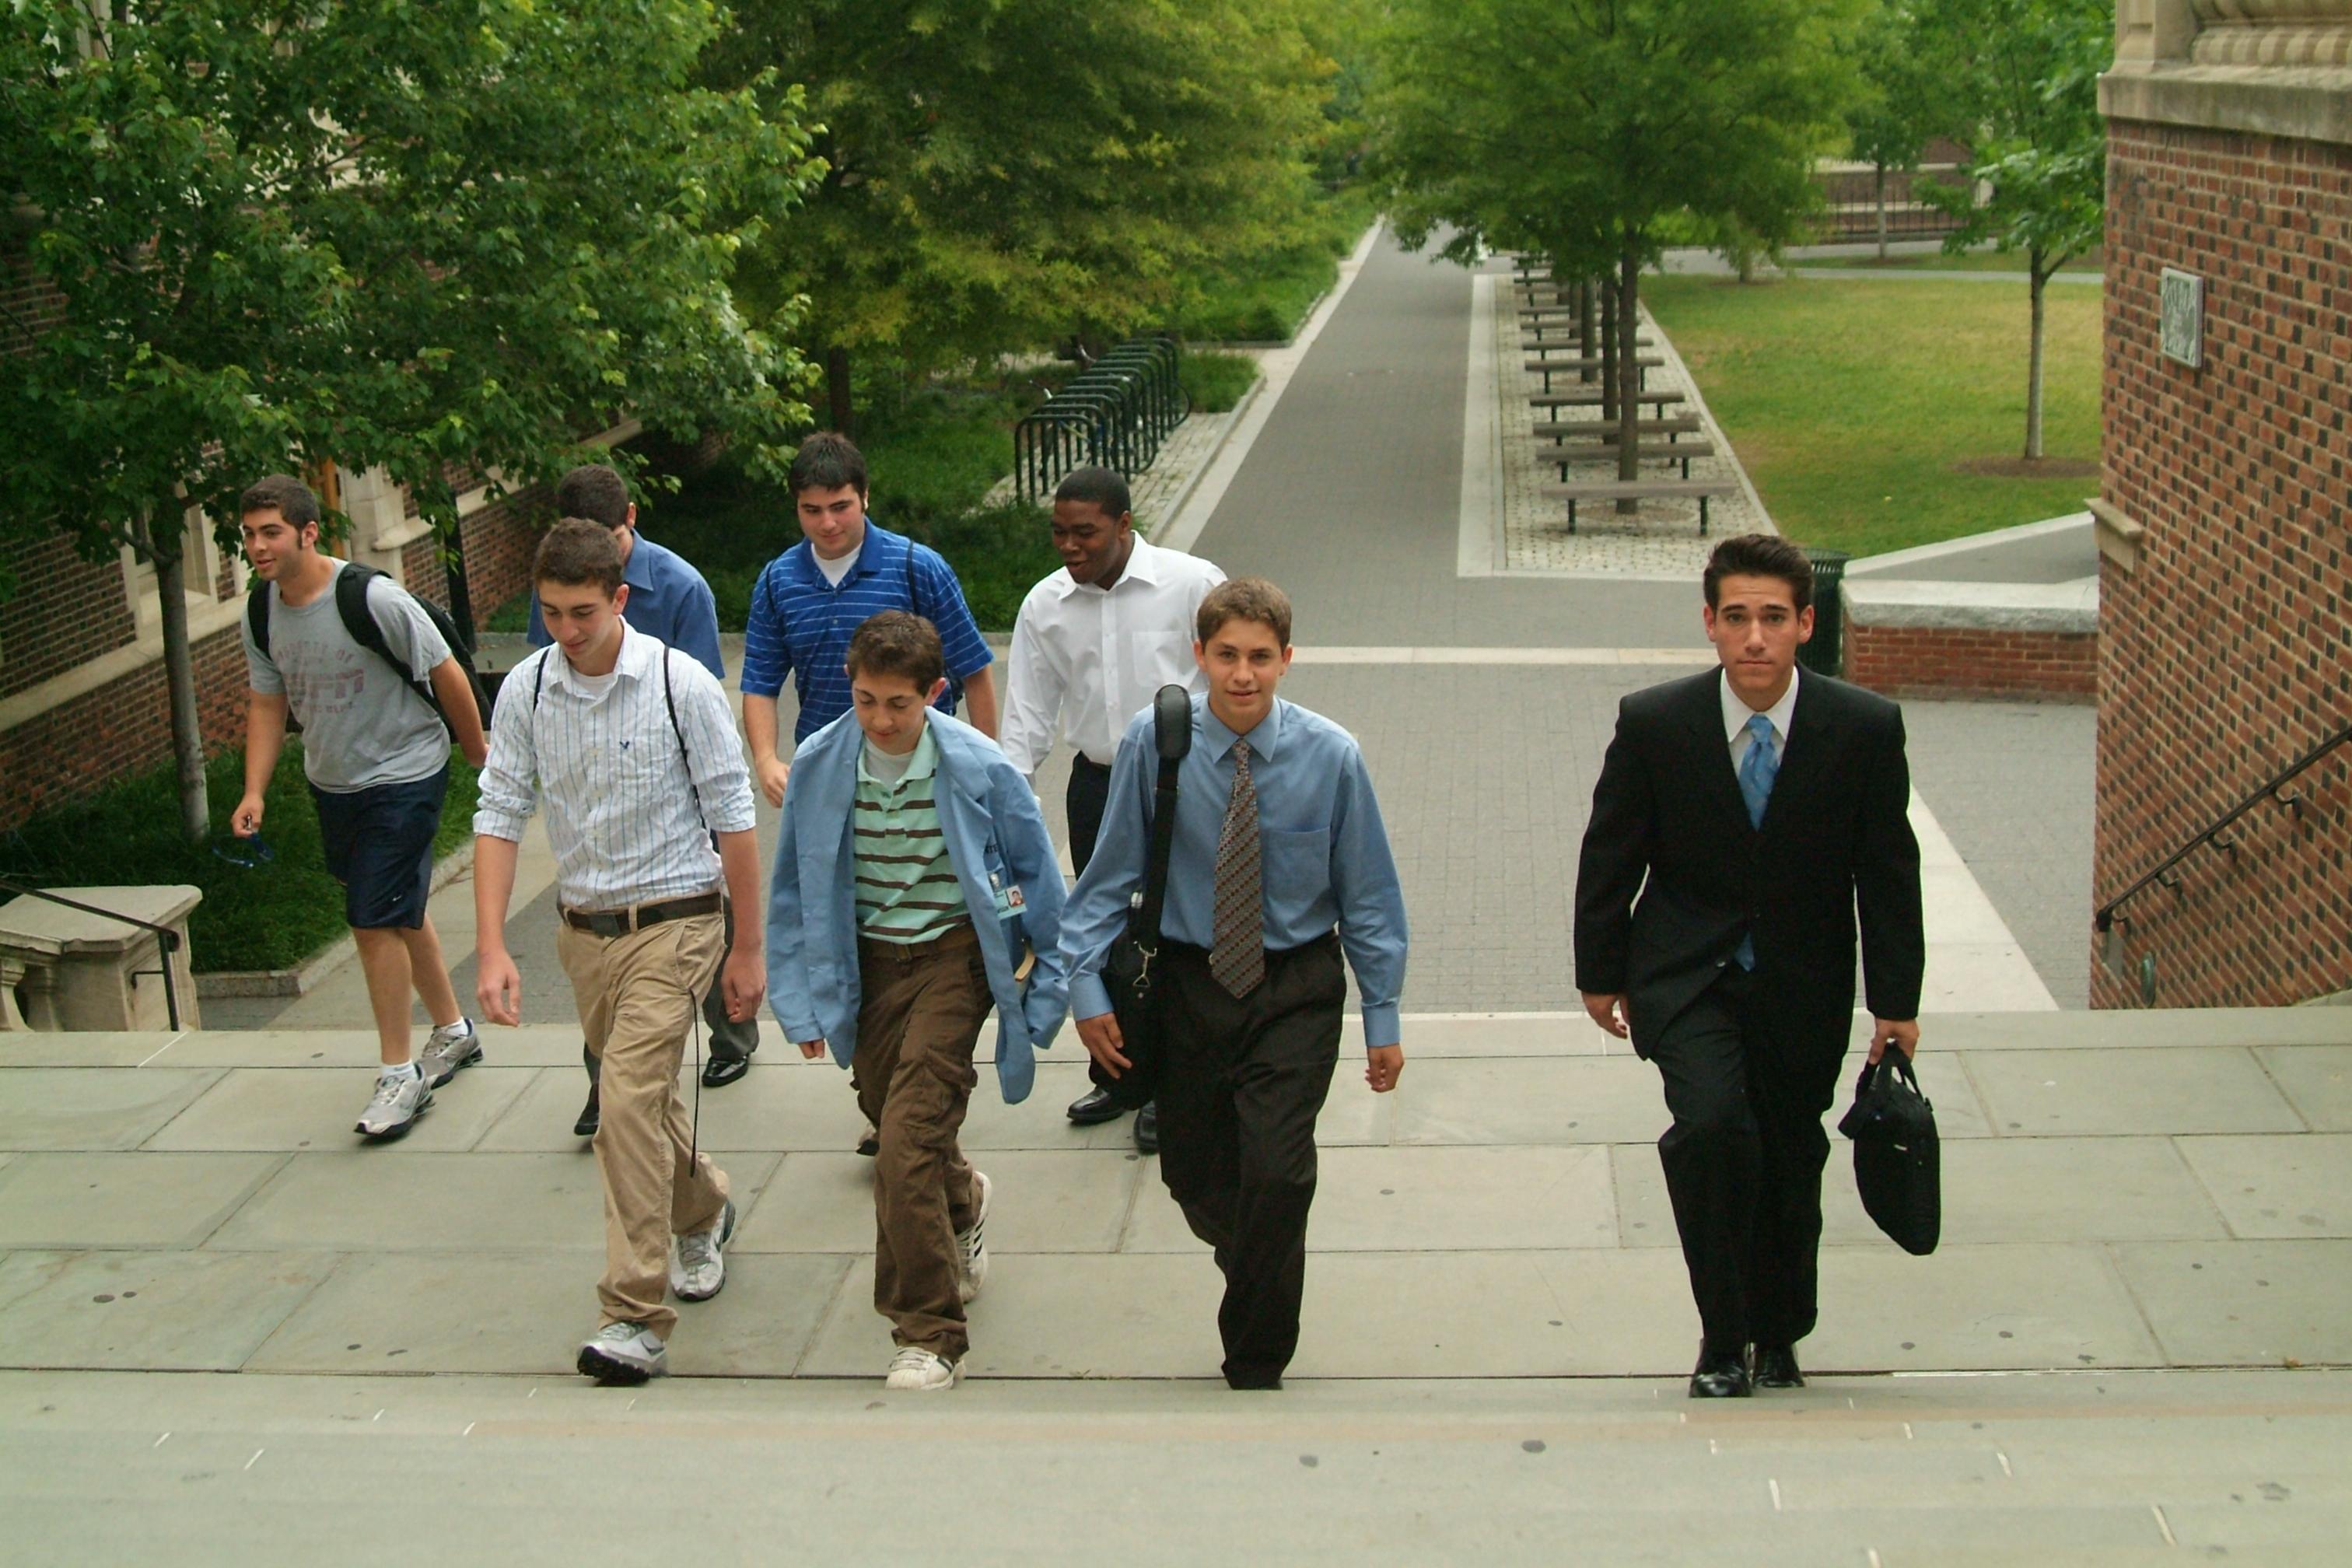 Summer Program - Internships | Julian Krinsky: Internships for High School Students